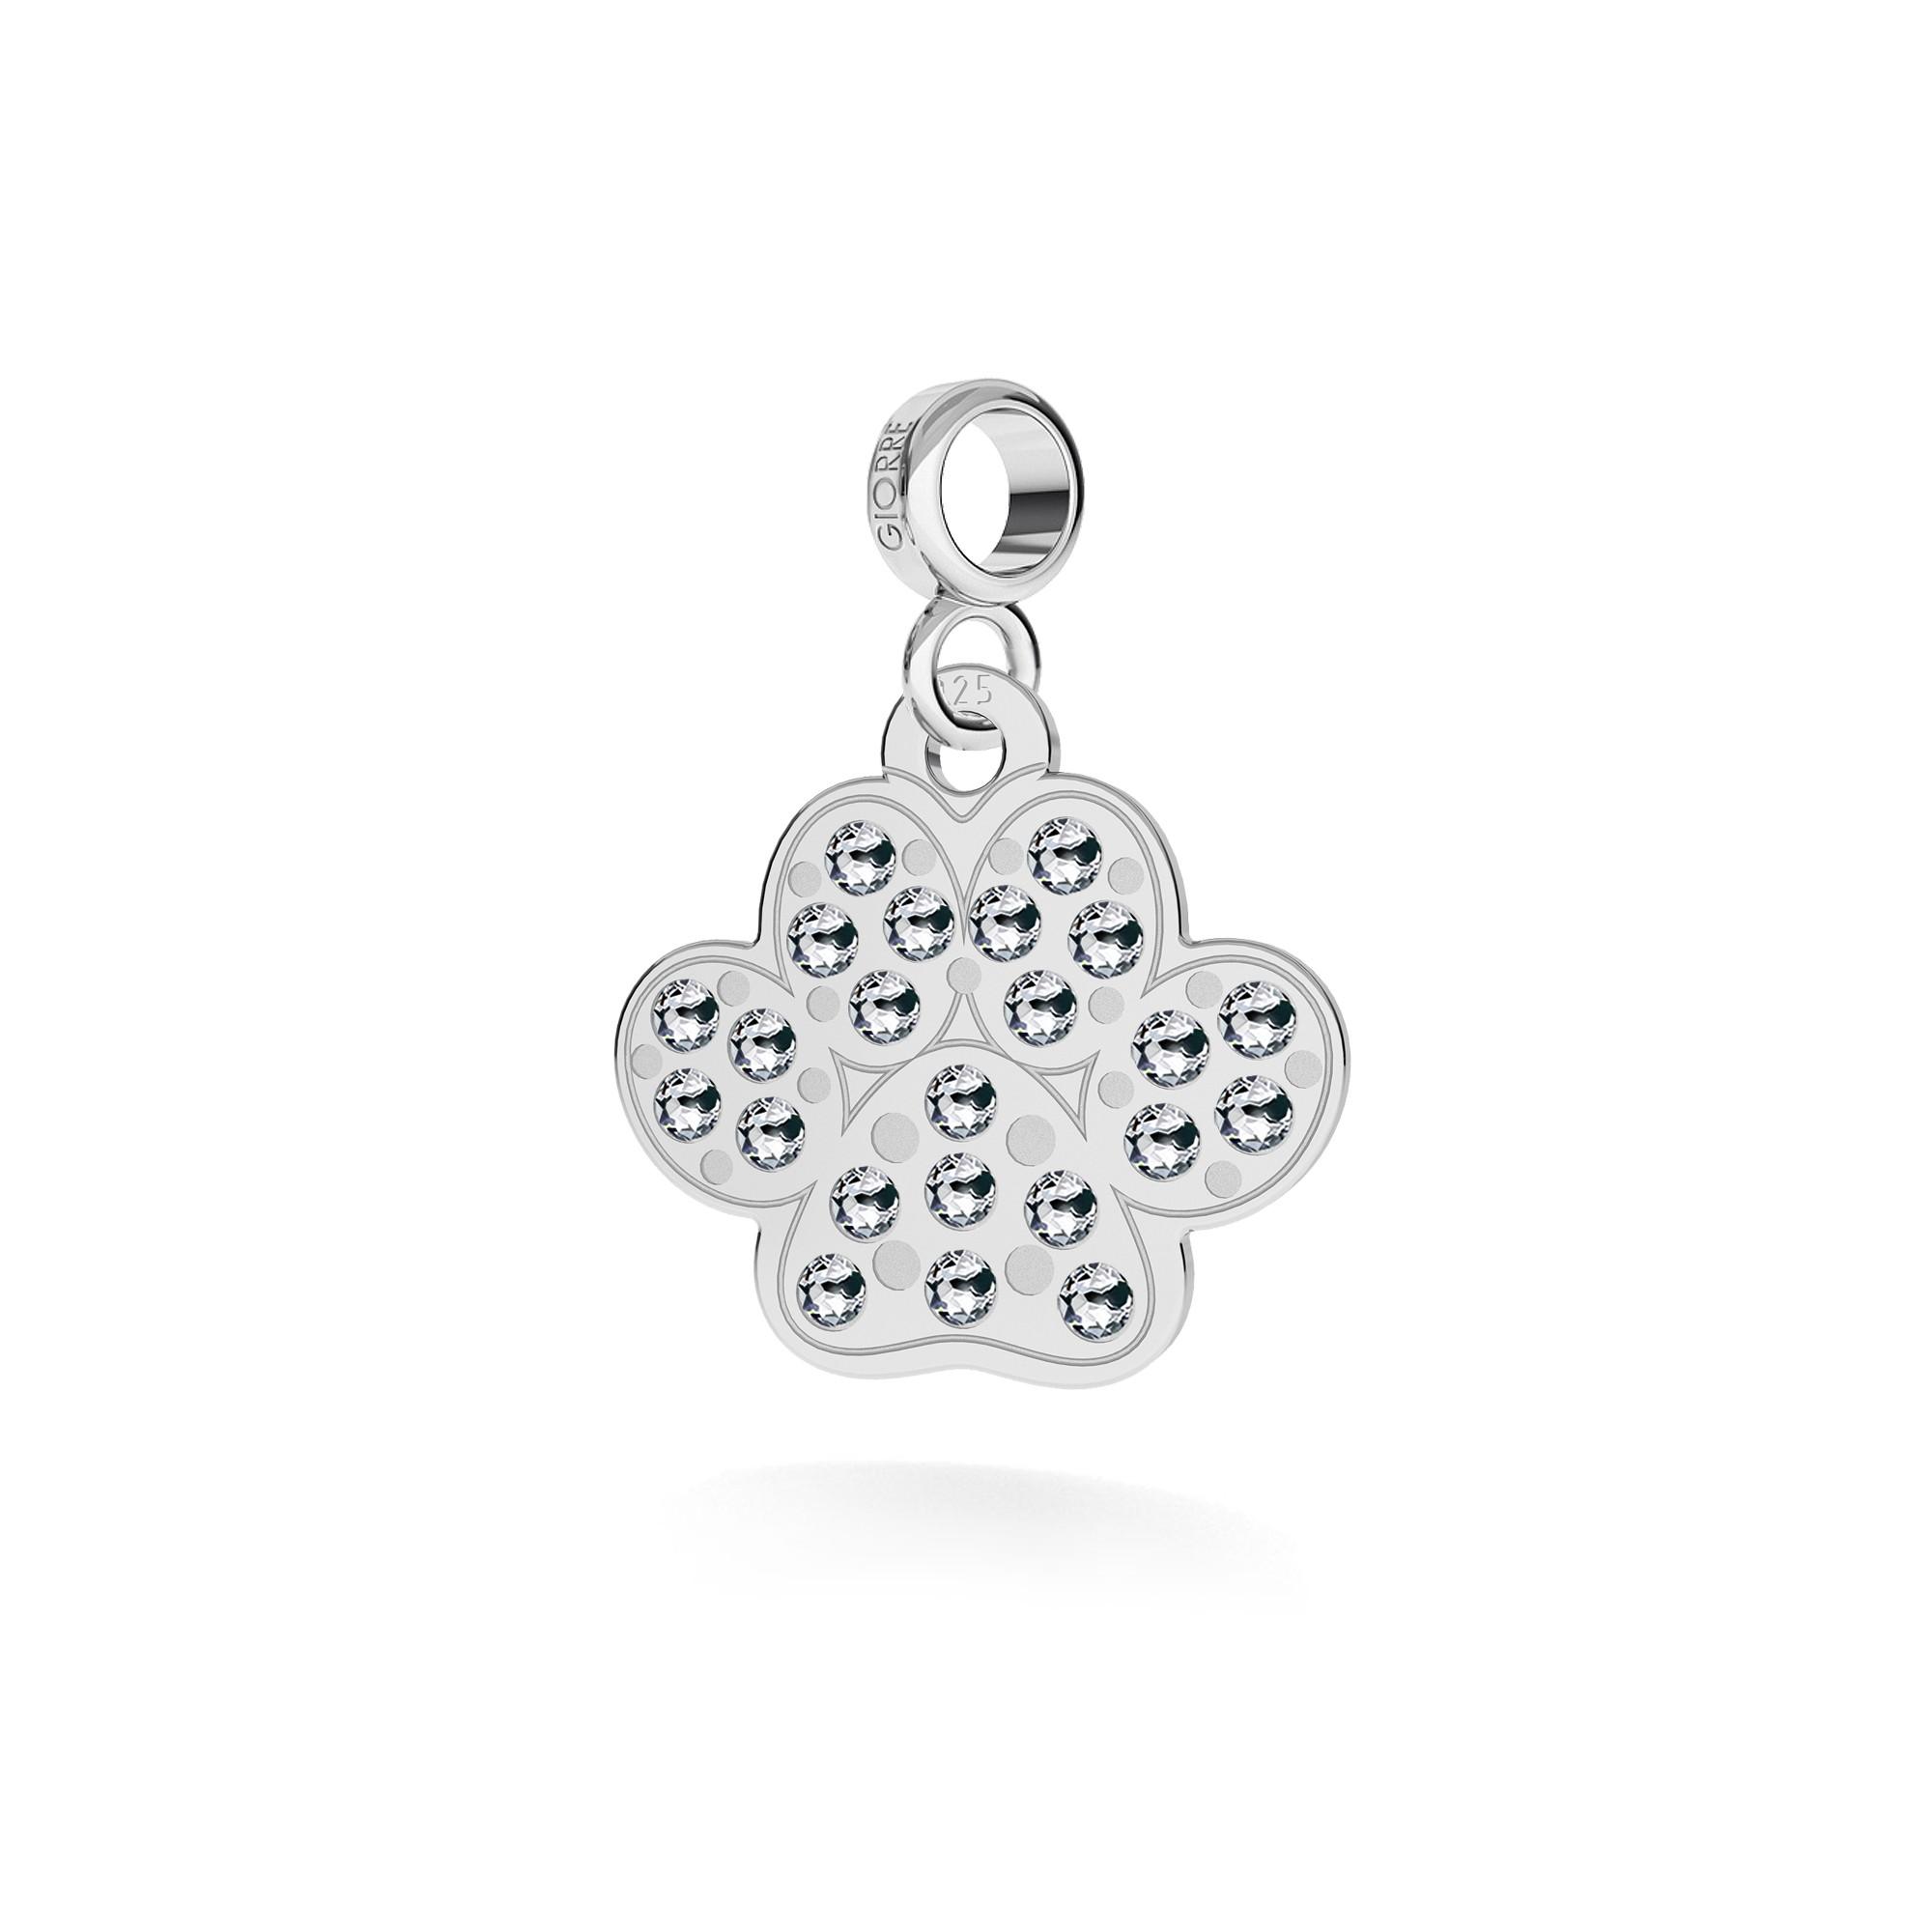 Swarovski Hundepfote medaillon halskette silber 925